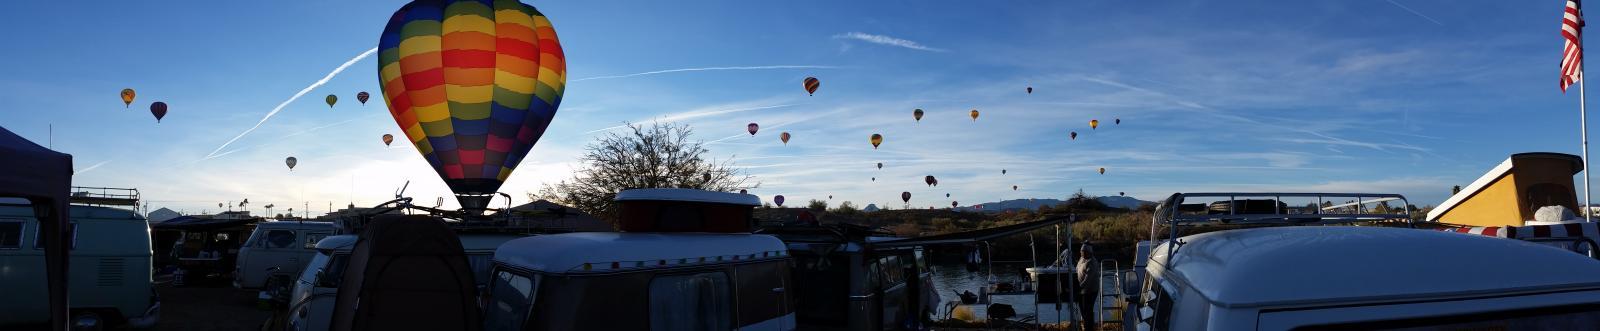 Buses By The Bridge XX balloon photo